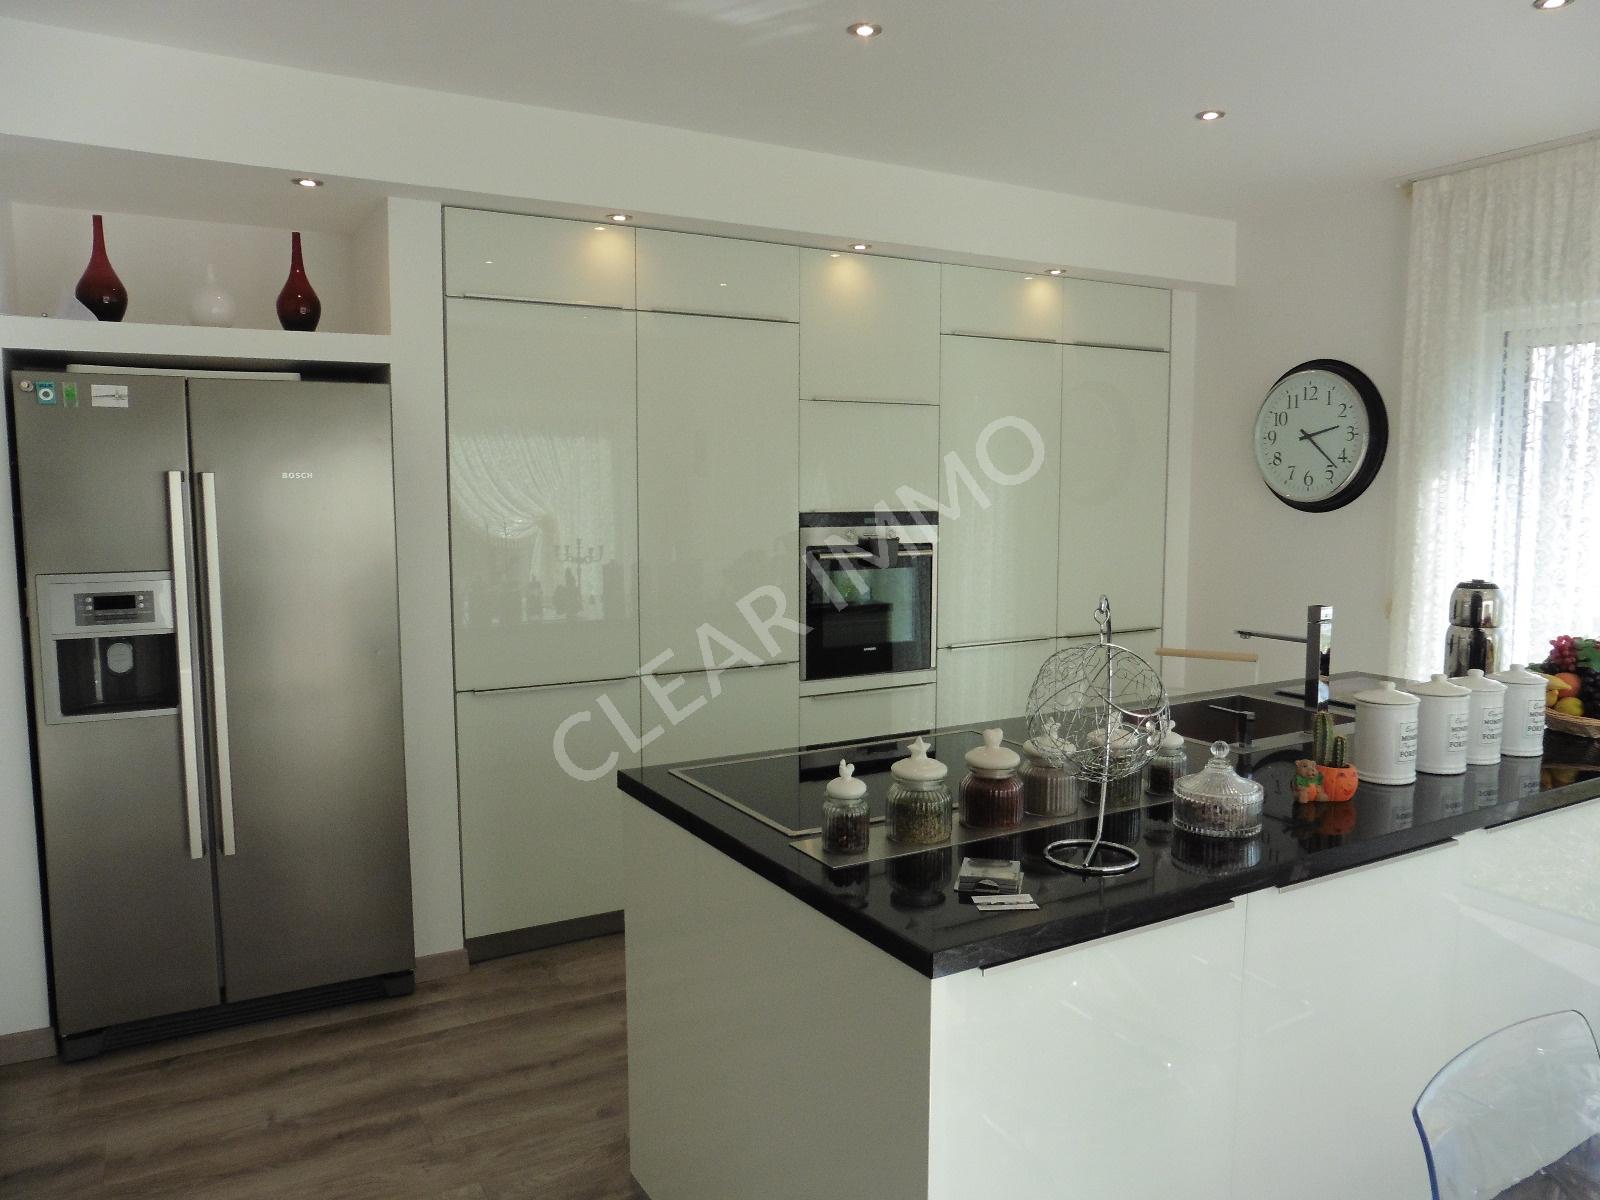 vente Maison cubique 160m2